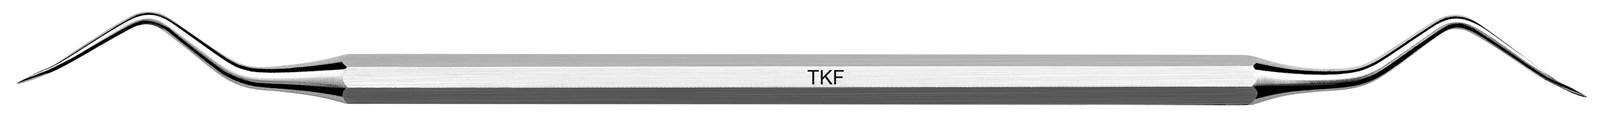 Nůž pro tunelovou techniku - TKF, ADEP světle zelený